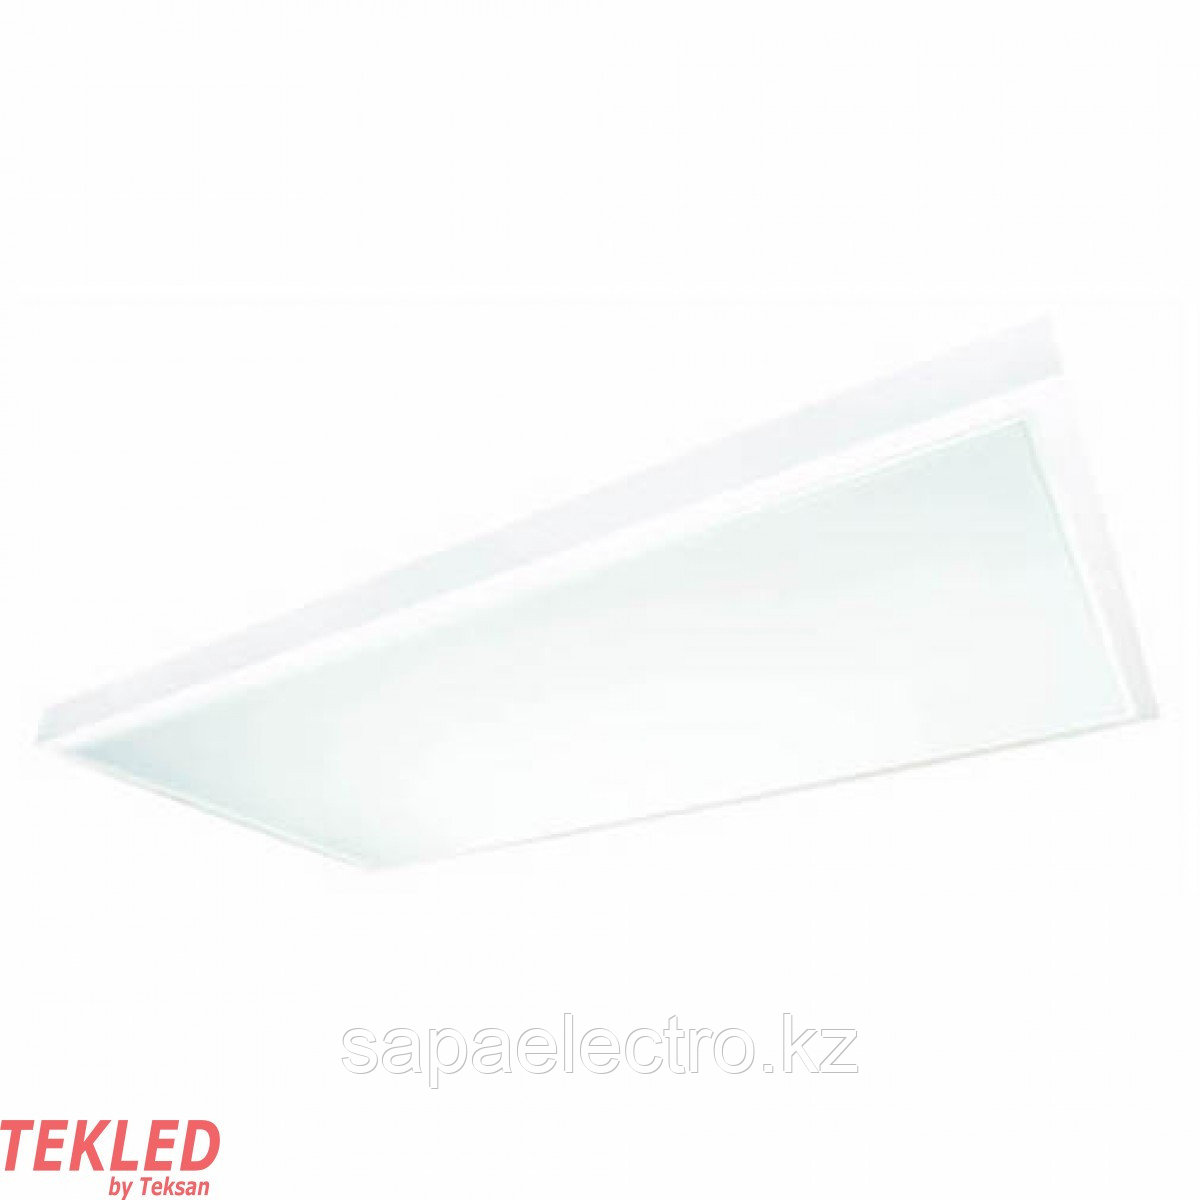 Св-к OPALLED 16X9W/LZN 436 MODERNA накл-й MEGALUX